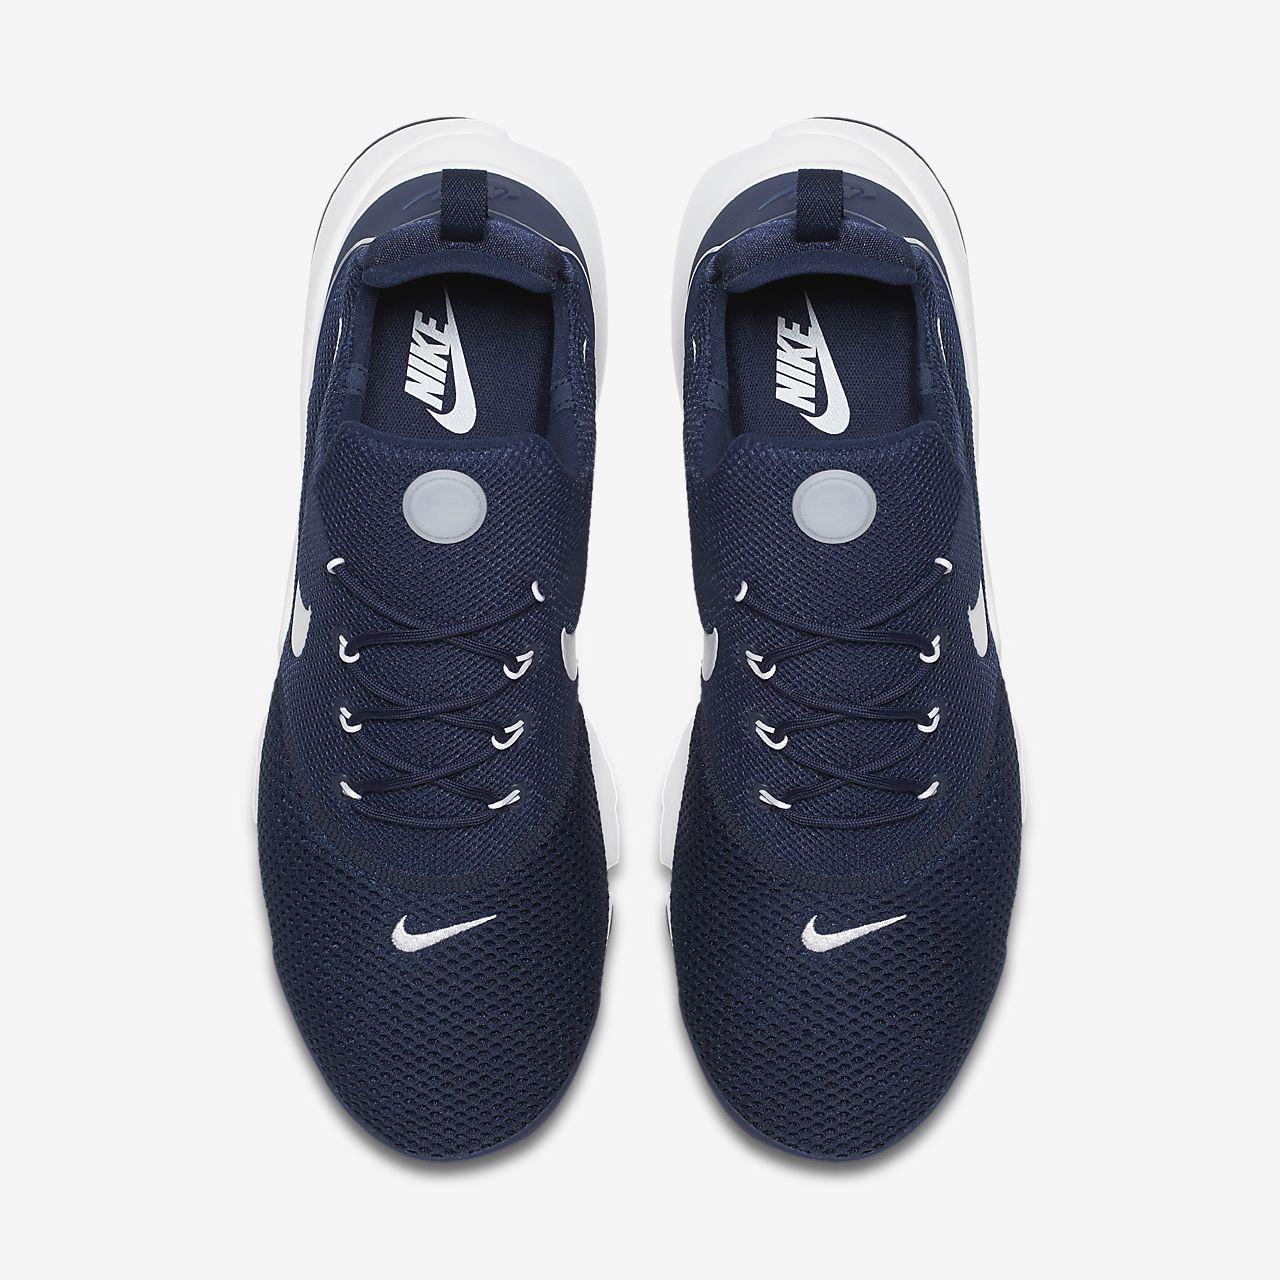 Best Quality Nike Air Max 90 Mesh (Pre School) Shoe Black